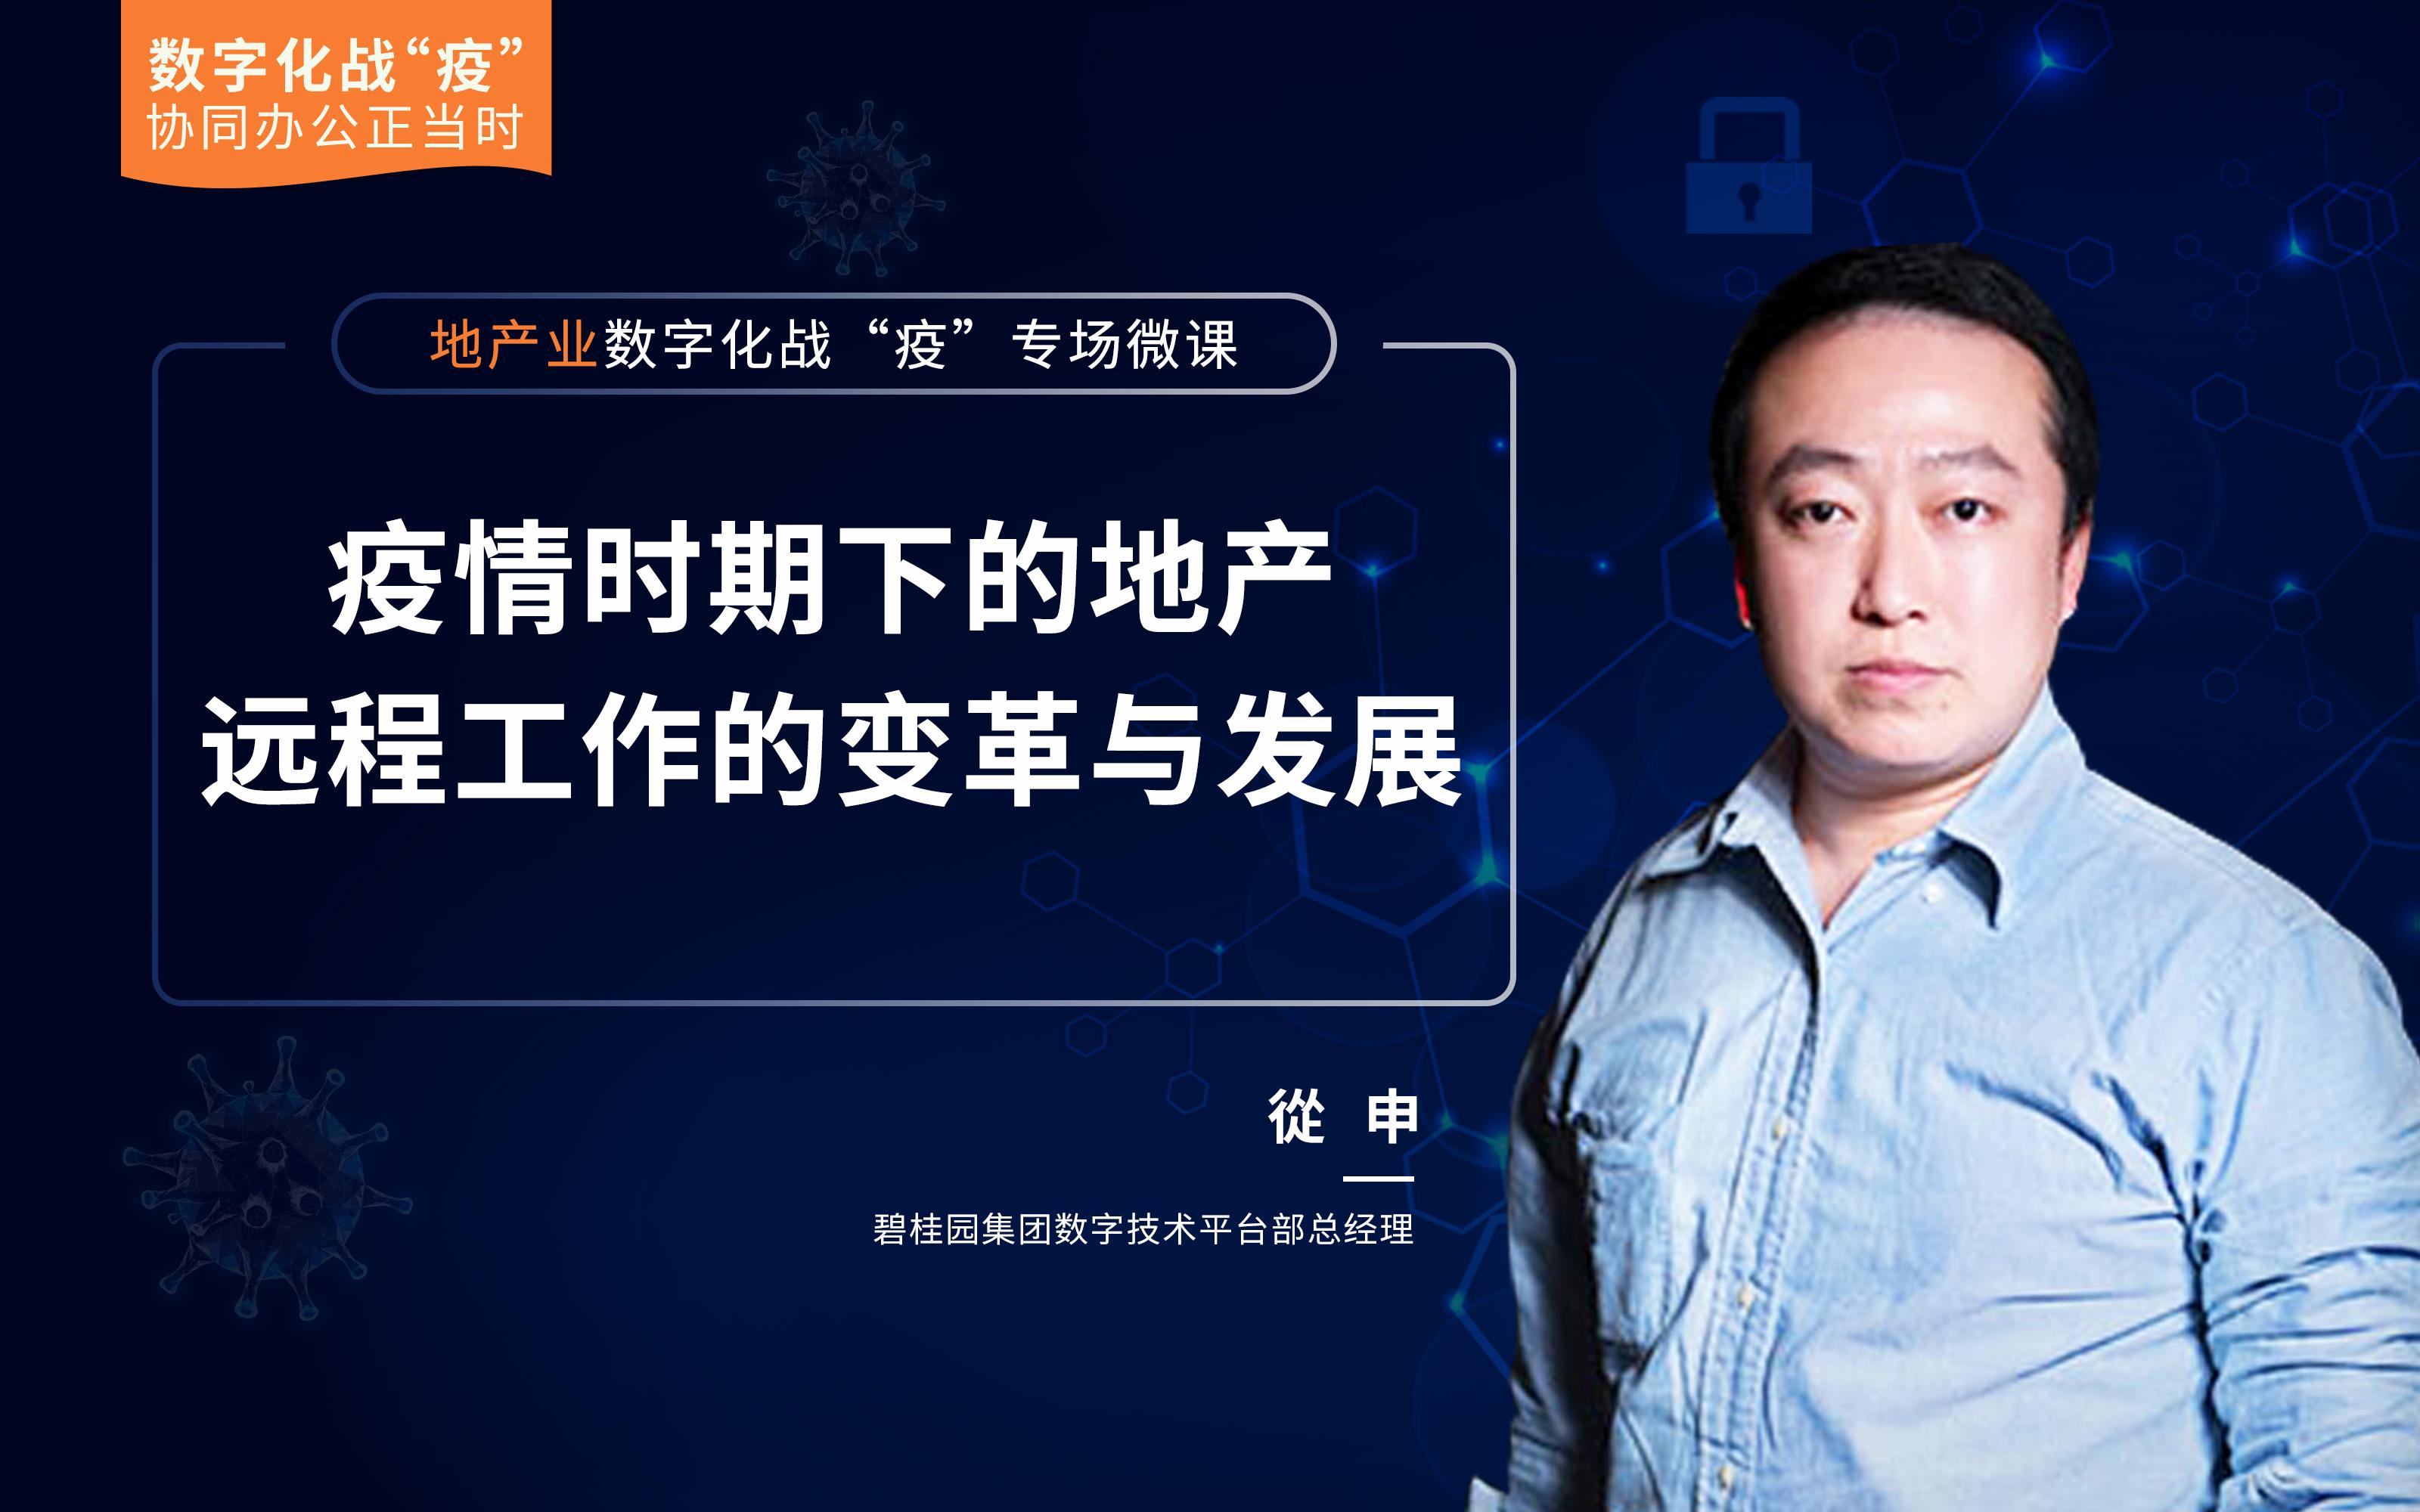 碧桂园從申:疫情时期下的地产远程工作的变革与发展